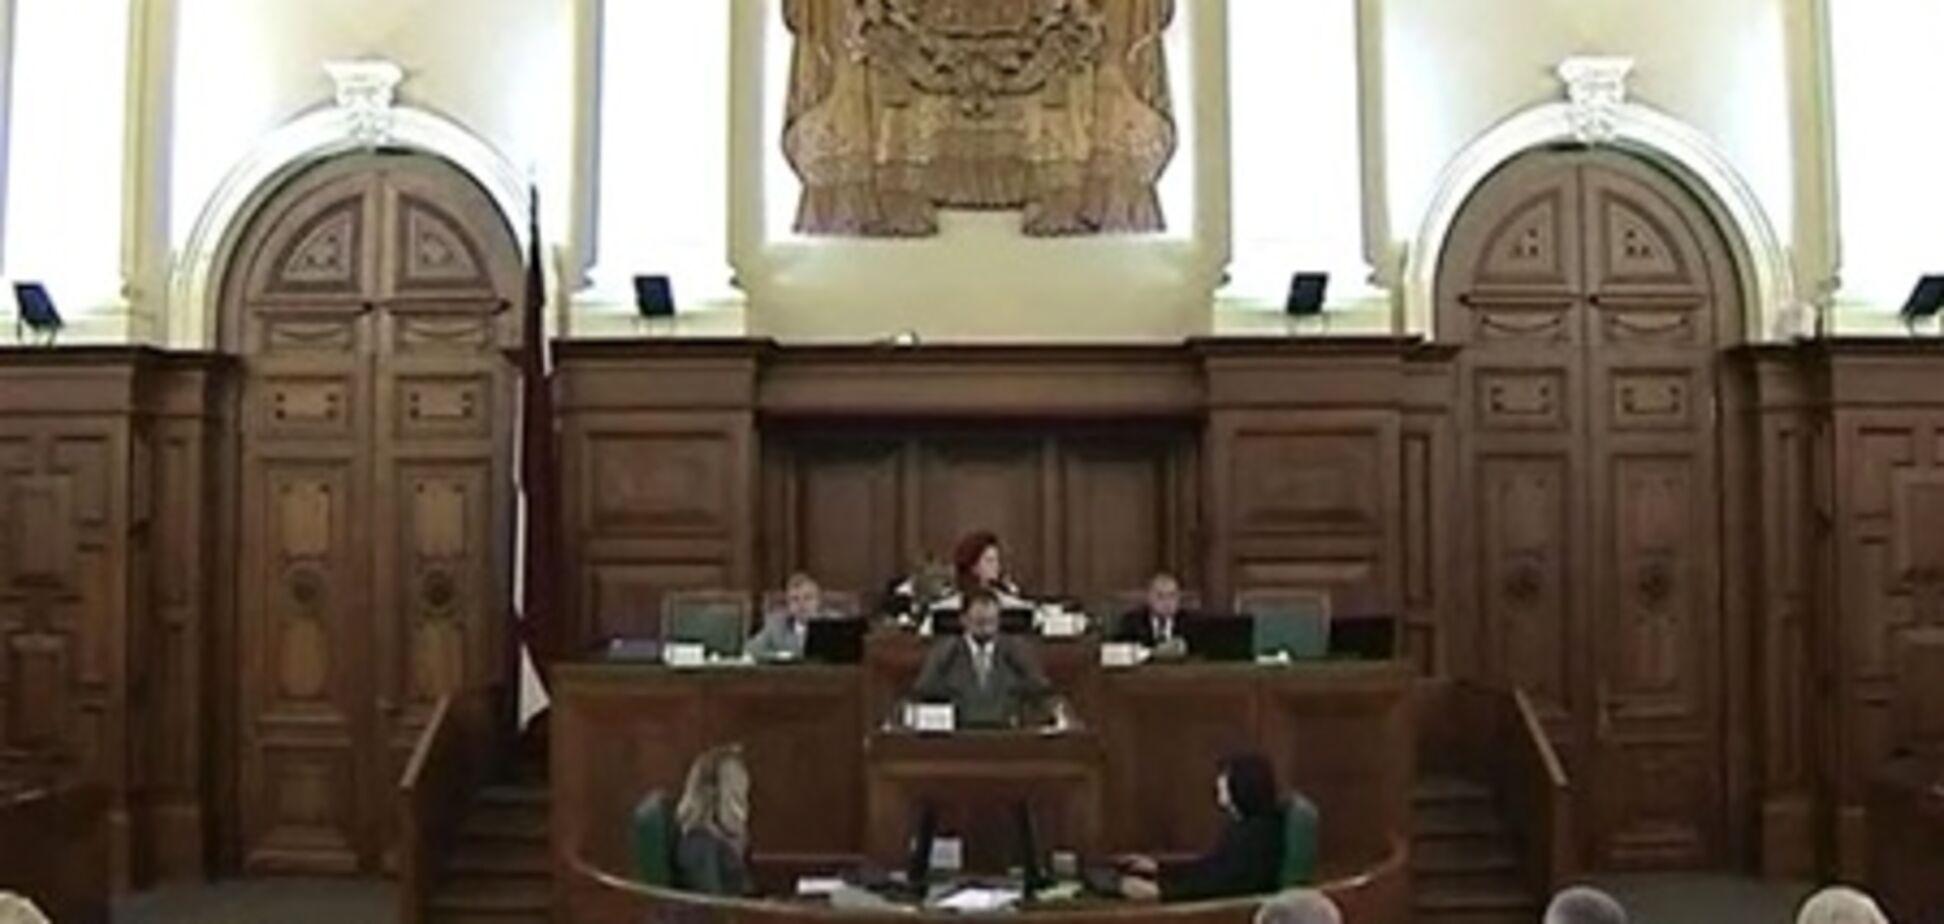 Граждане Латвии проголосовали за роспуск парламента из-за коррупции